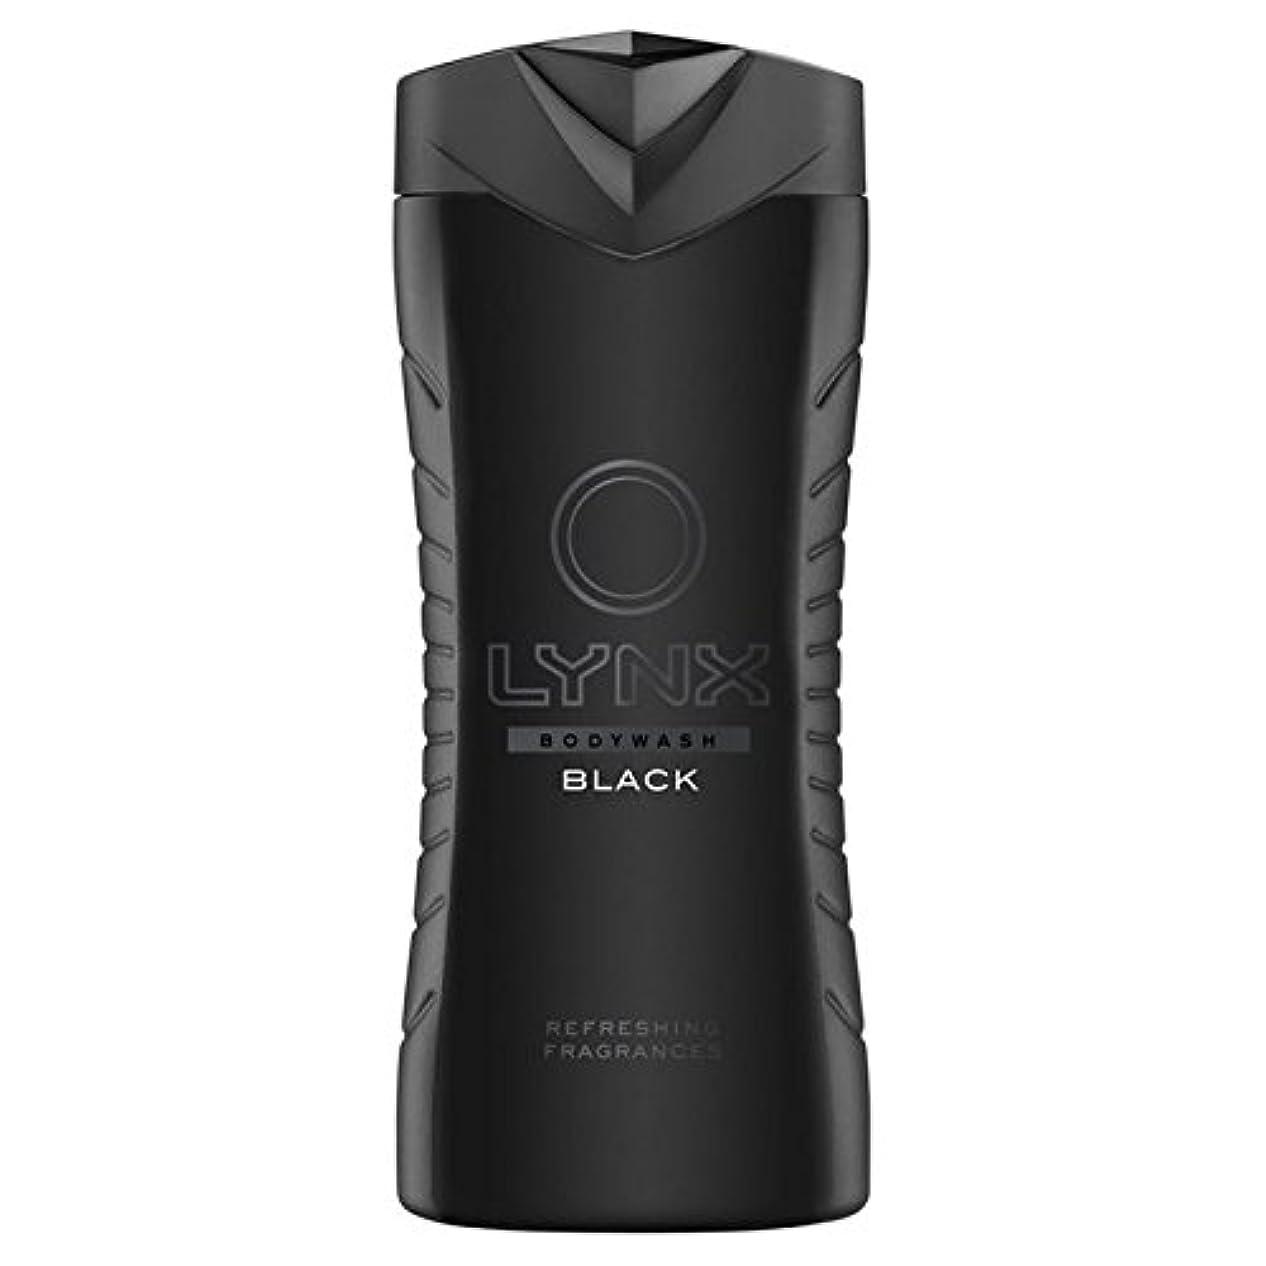 びん支配的ボイラーLynx Black Shower Gel 400ml (Pack of 6) - オオヤマネコブラックシャワージェル400ミリリットル x6 [並行輸入品]